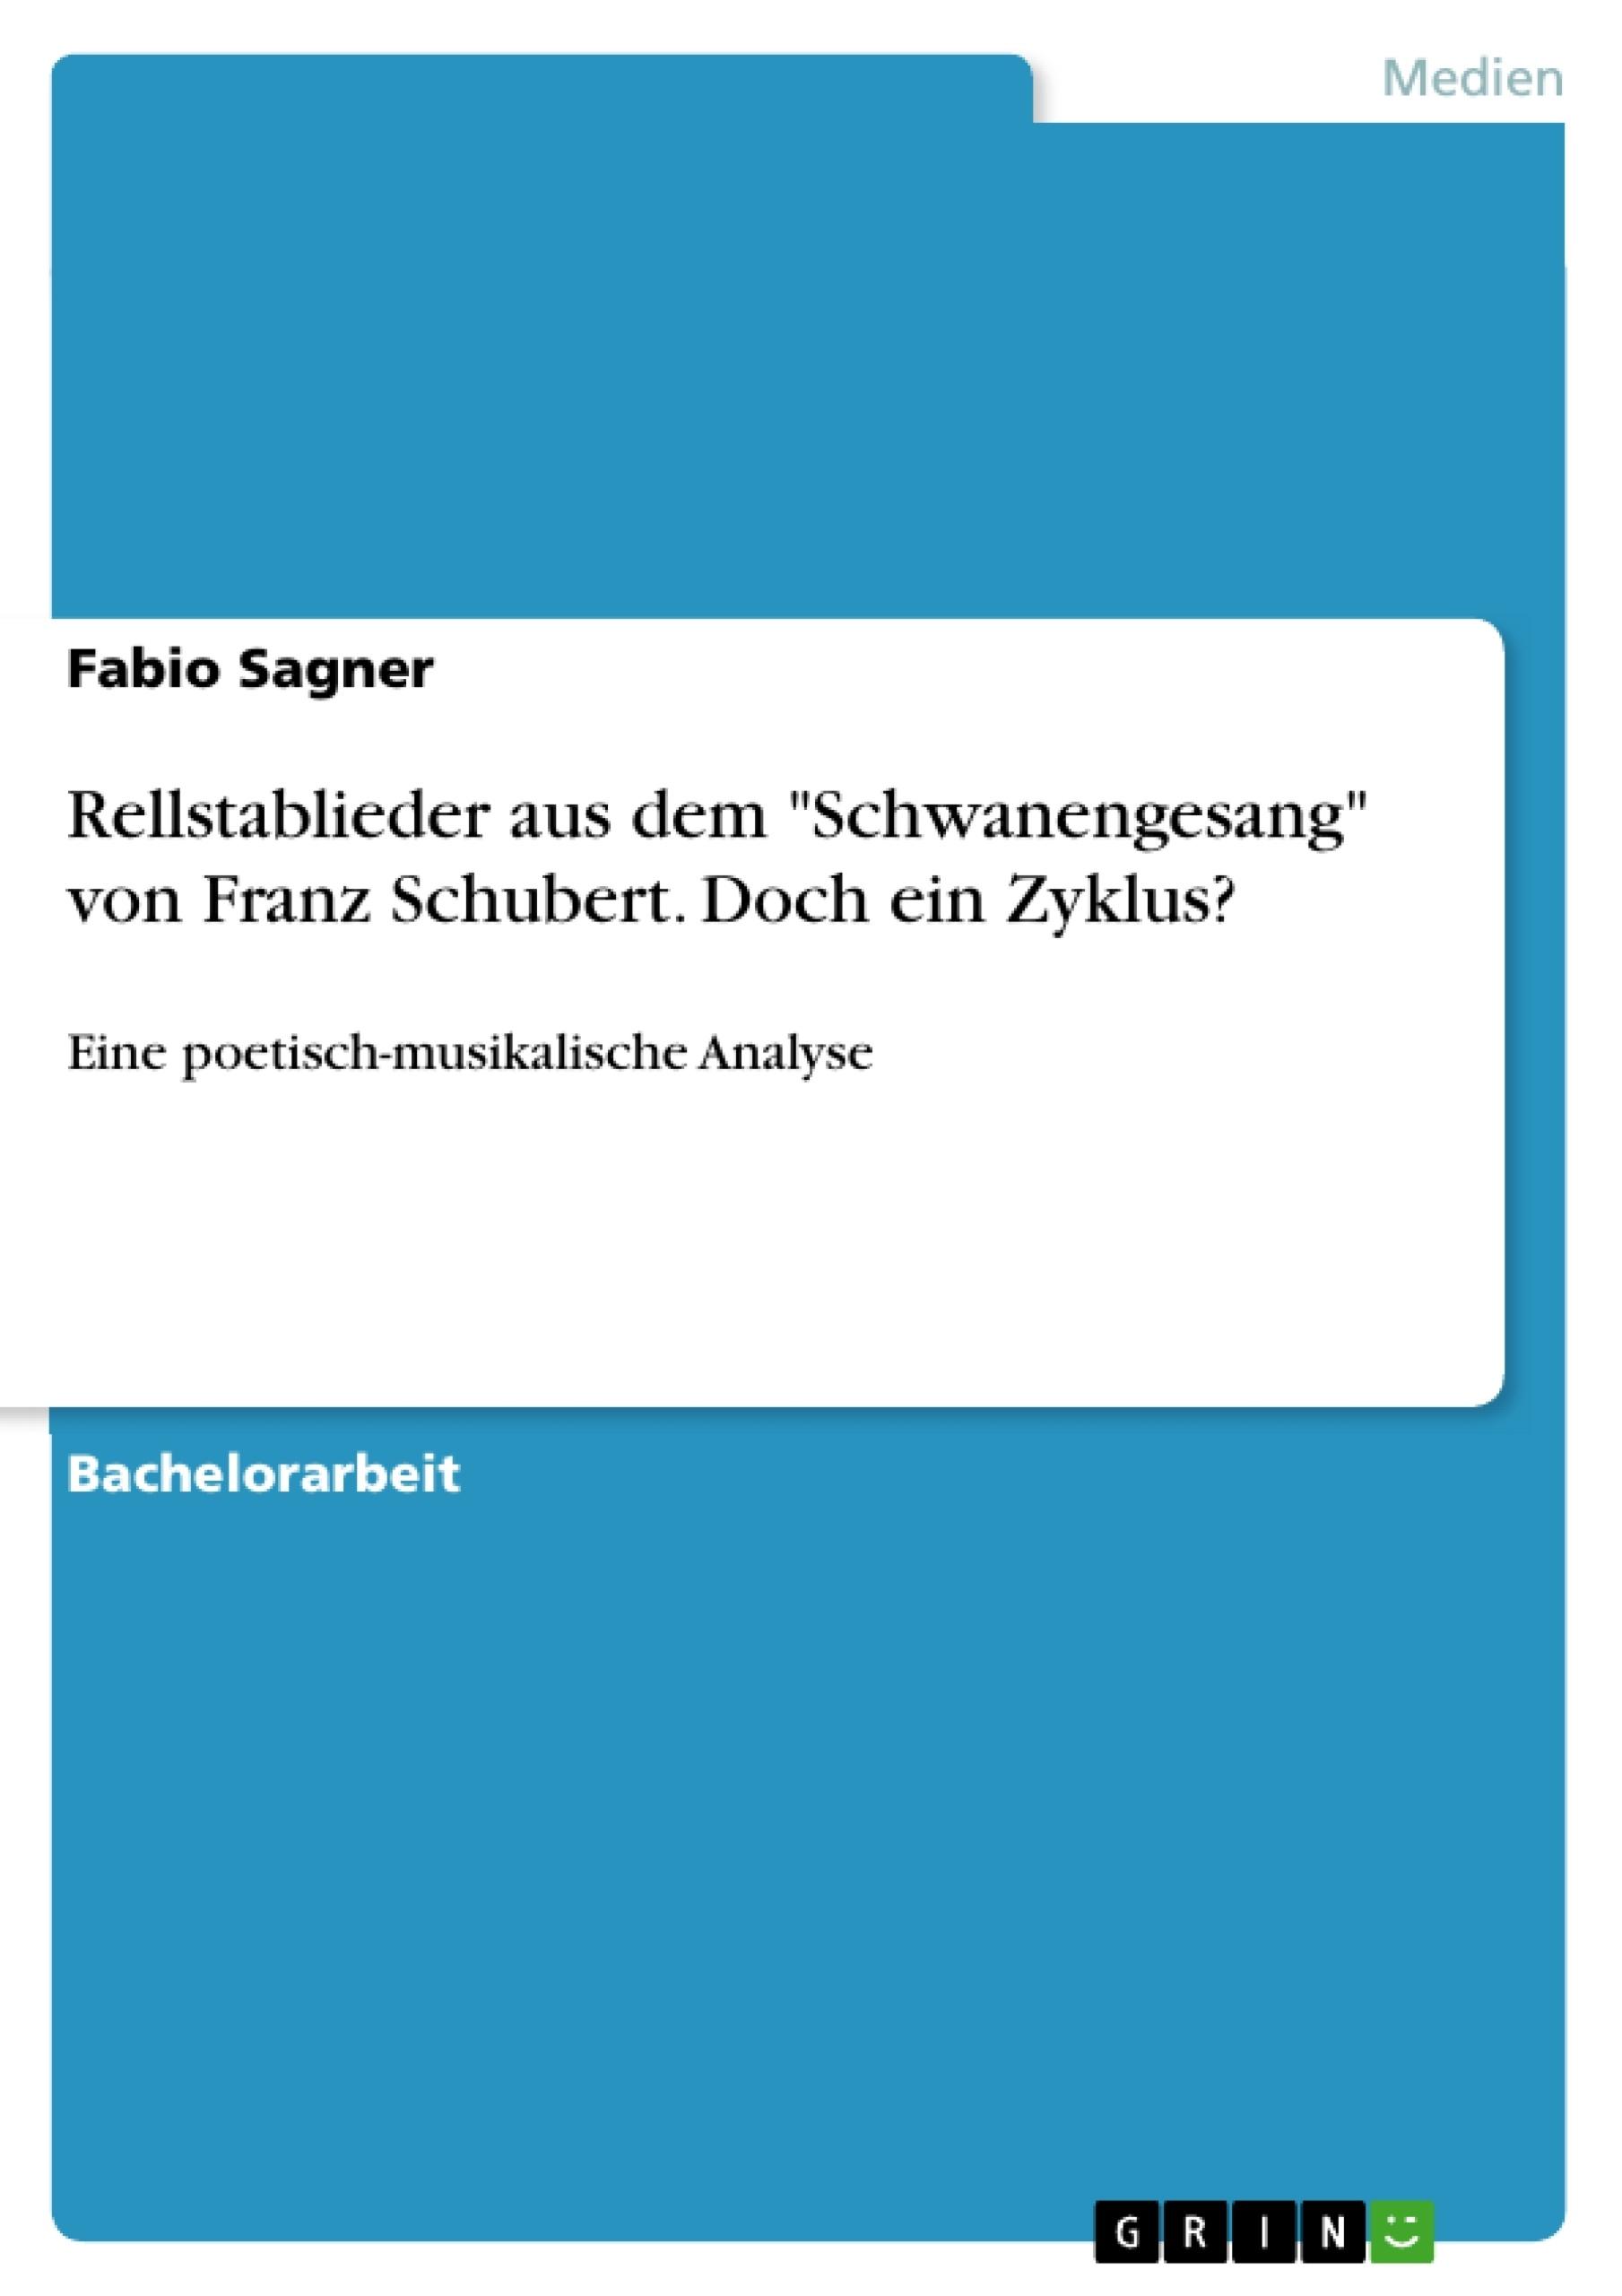 """Titel: Rellstablieder aus dem """"Schwanengesang"""" von Franz Schubert. Doch ein Zyklus?"""